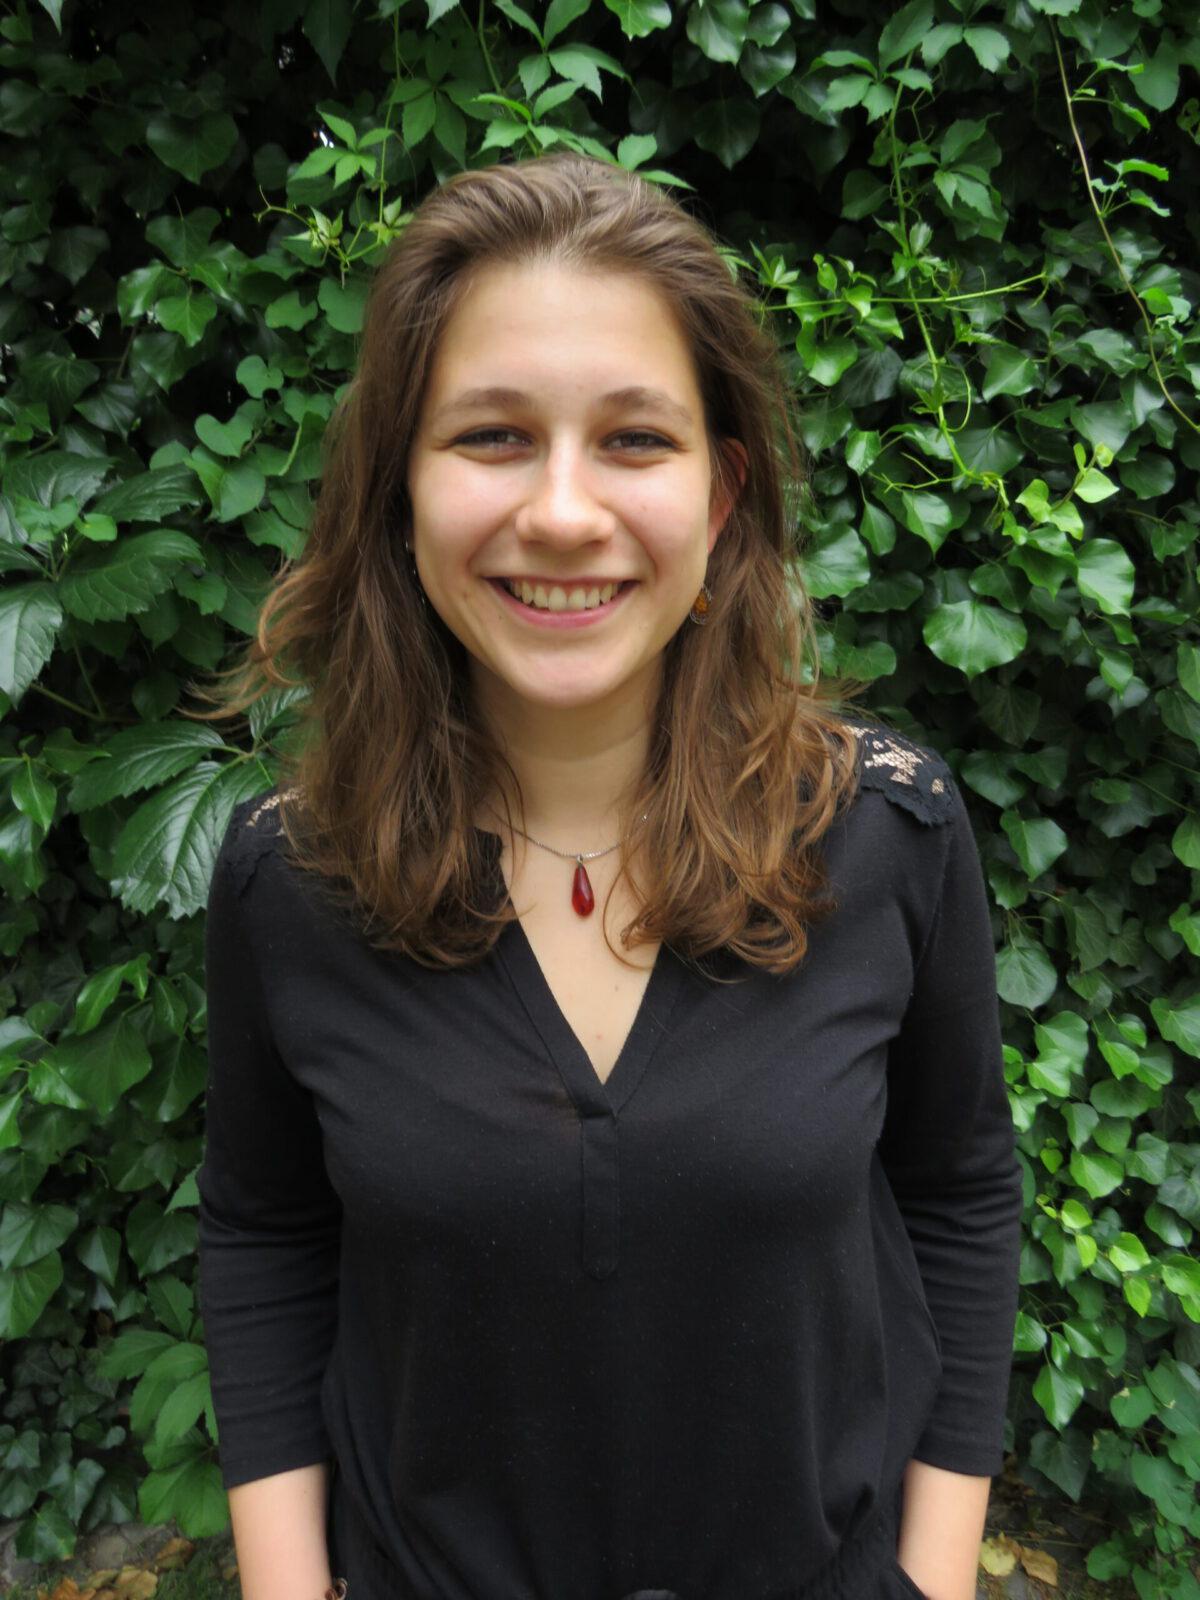 Johanna Keller